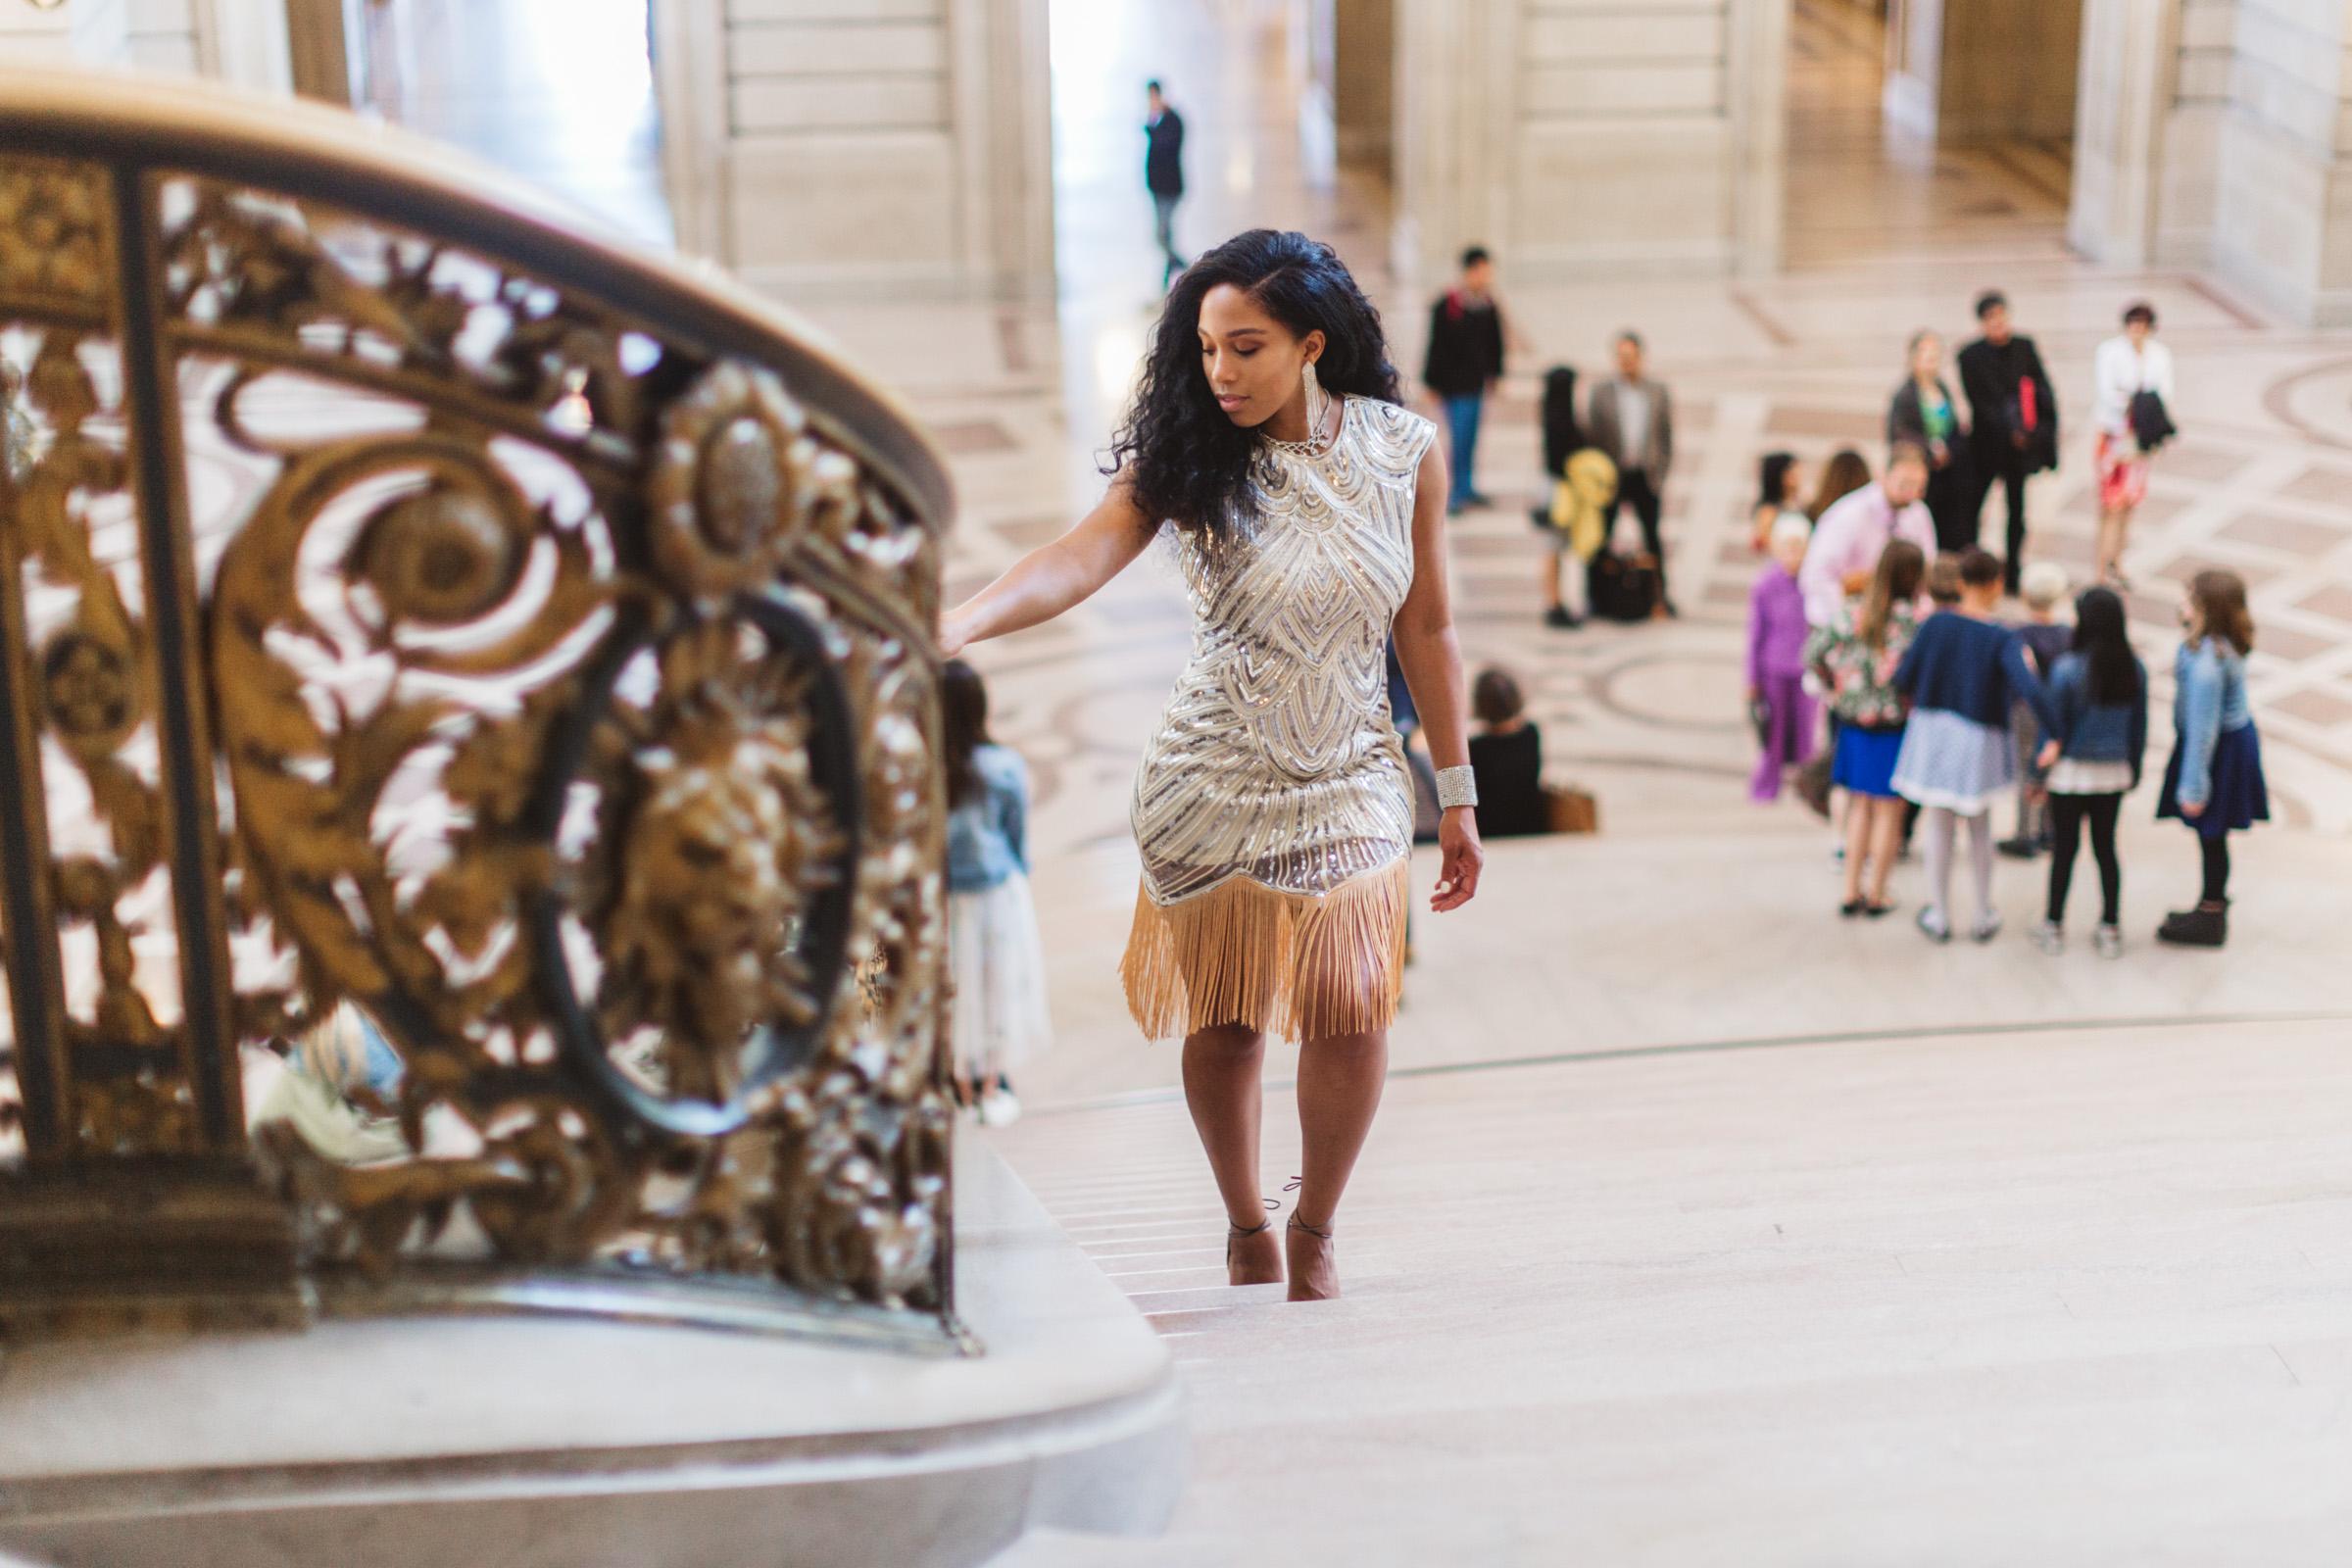 8d795e9d5b5 Best Dressed Guest  3 Looks for Summer Wedding Season - Walmart.com